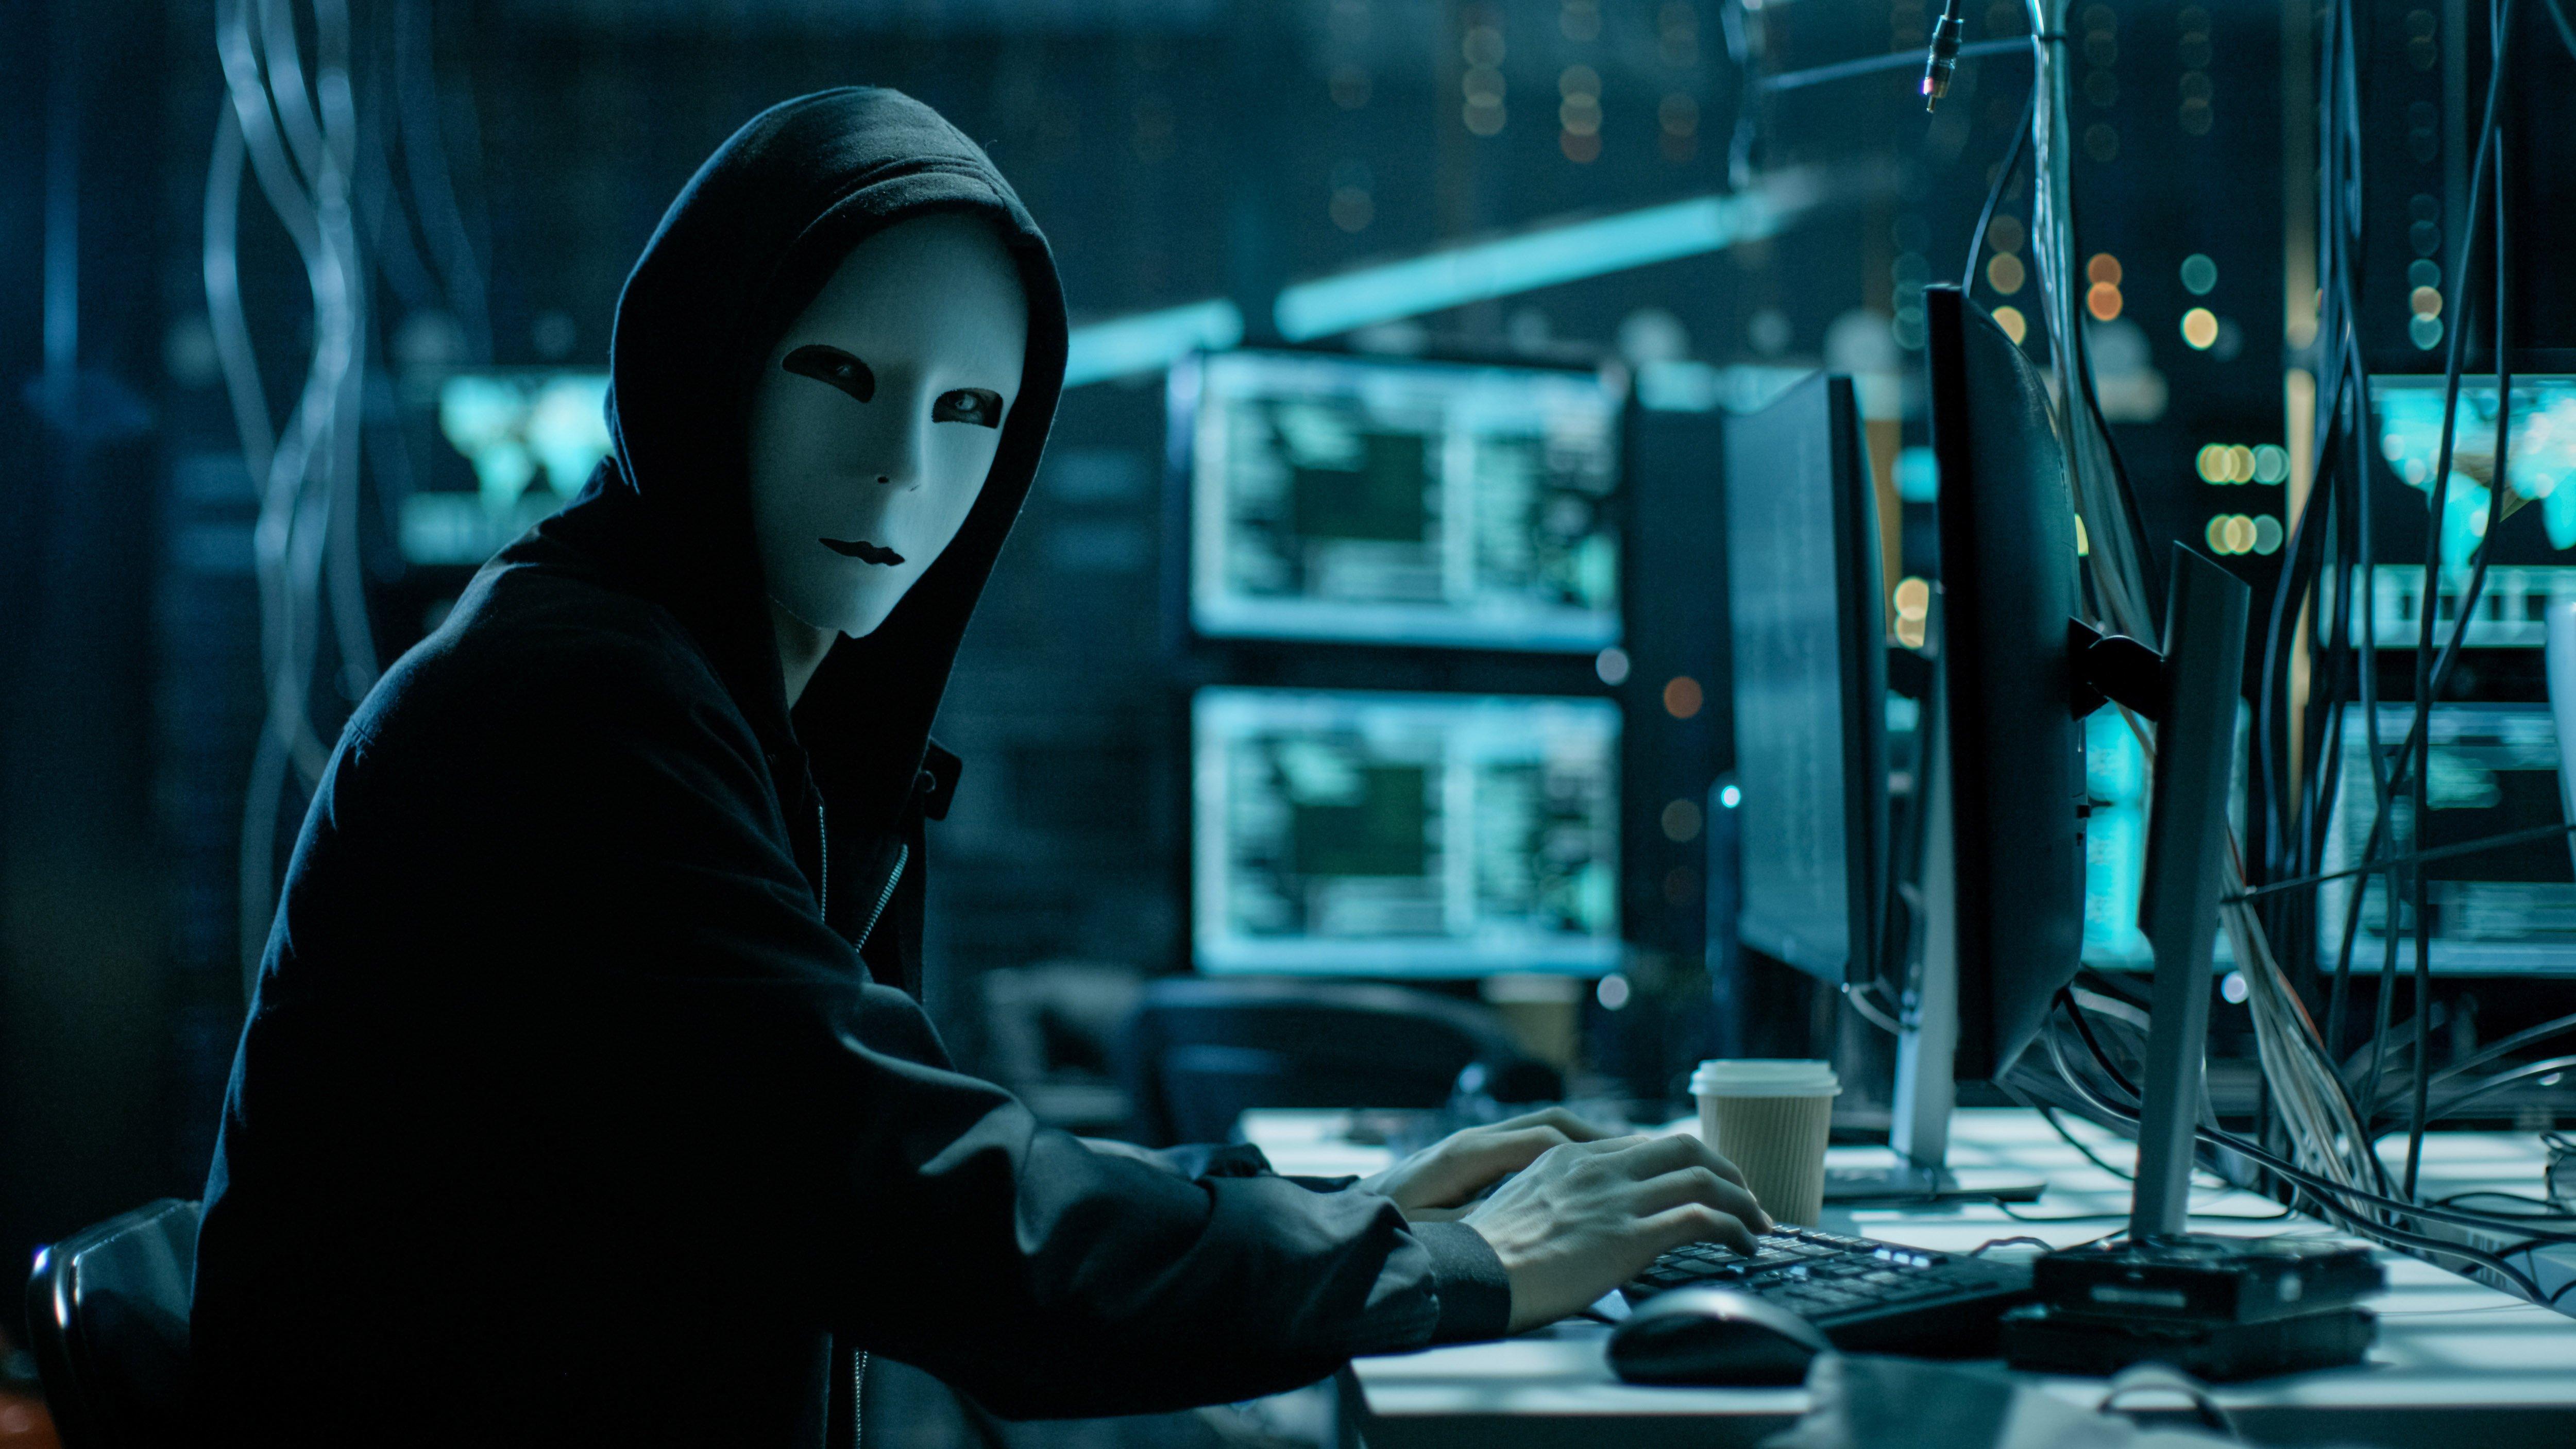 Hình ảnh Hacker gõ phím cực đẹp